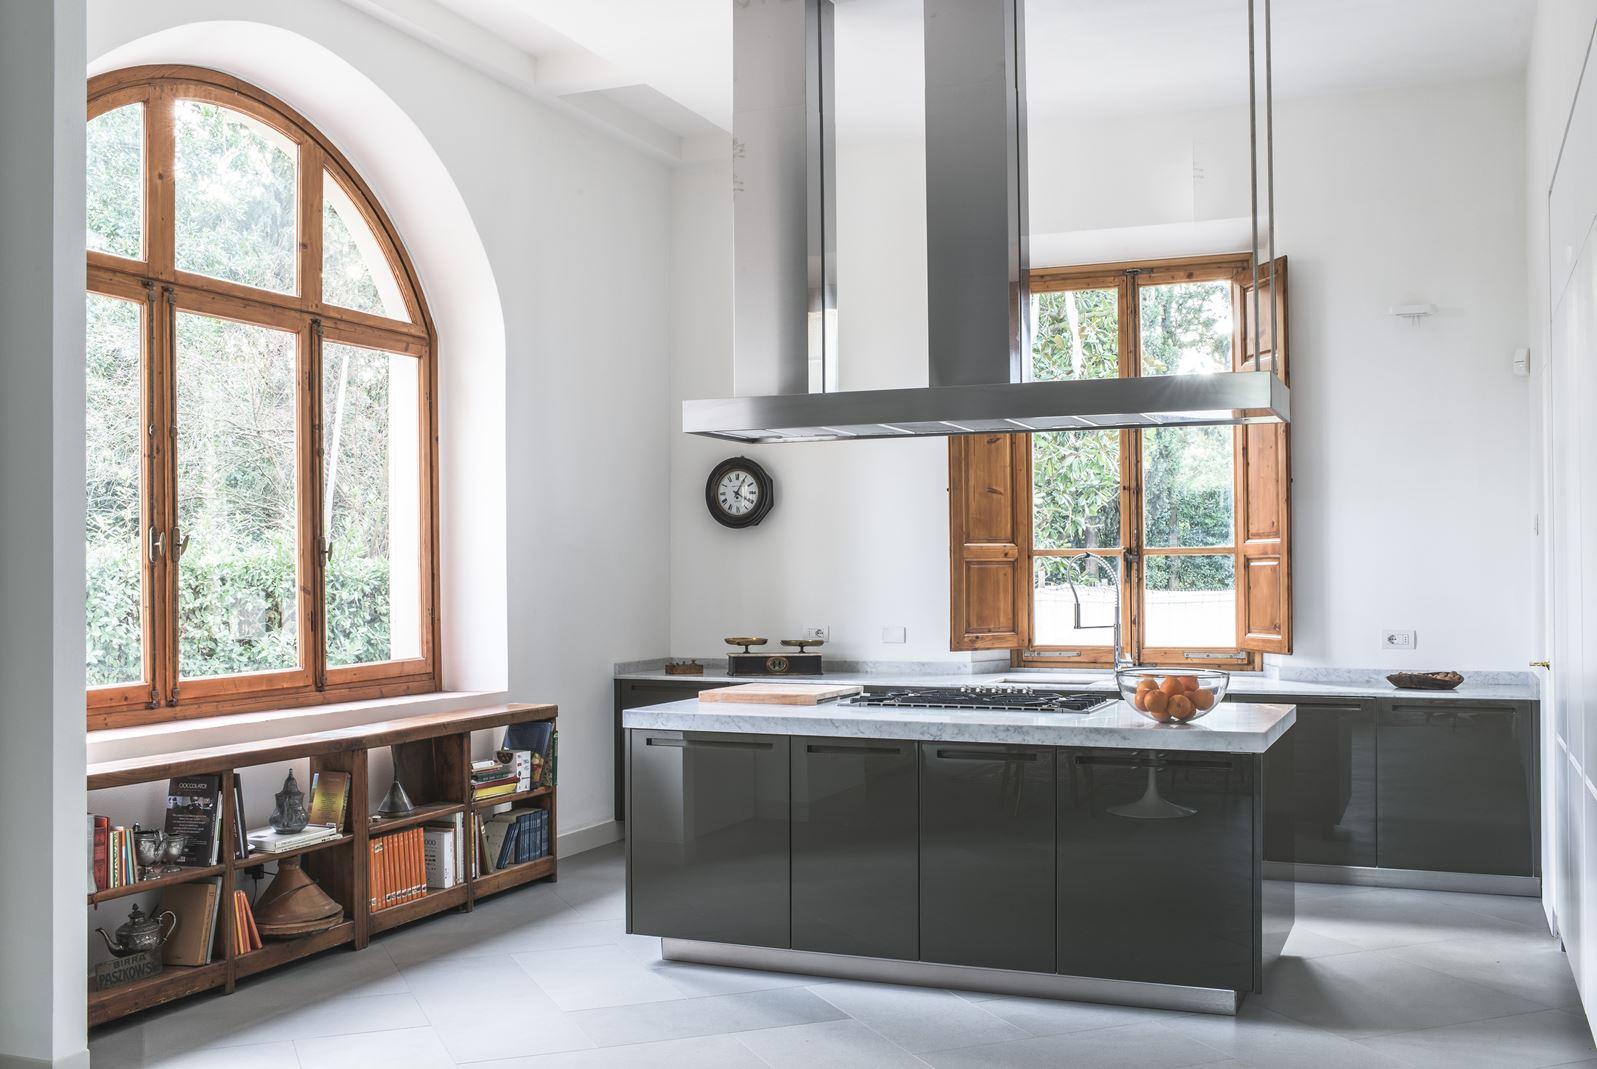 Una villa con mansarda tra storia e modernit for 1 1 2 piani di cottage storia